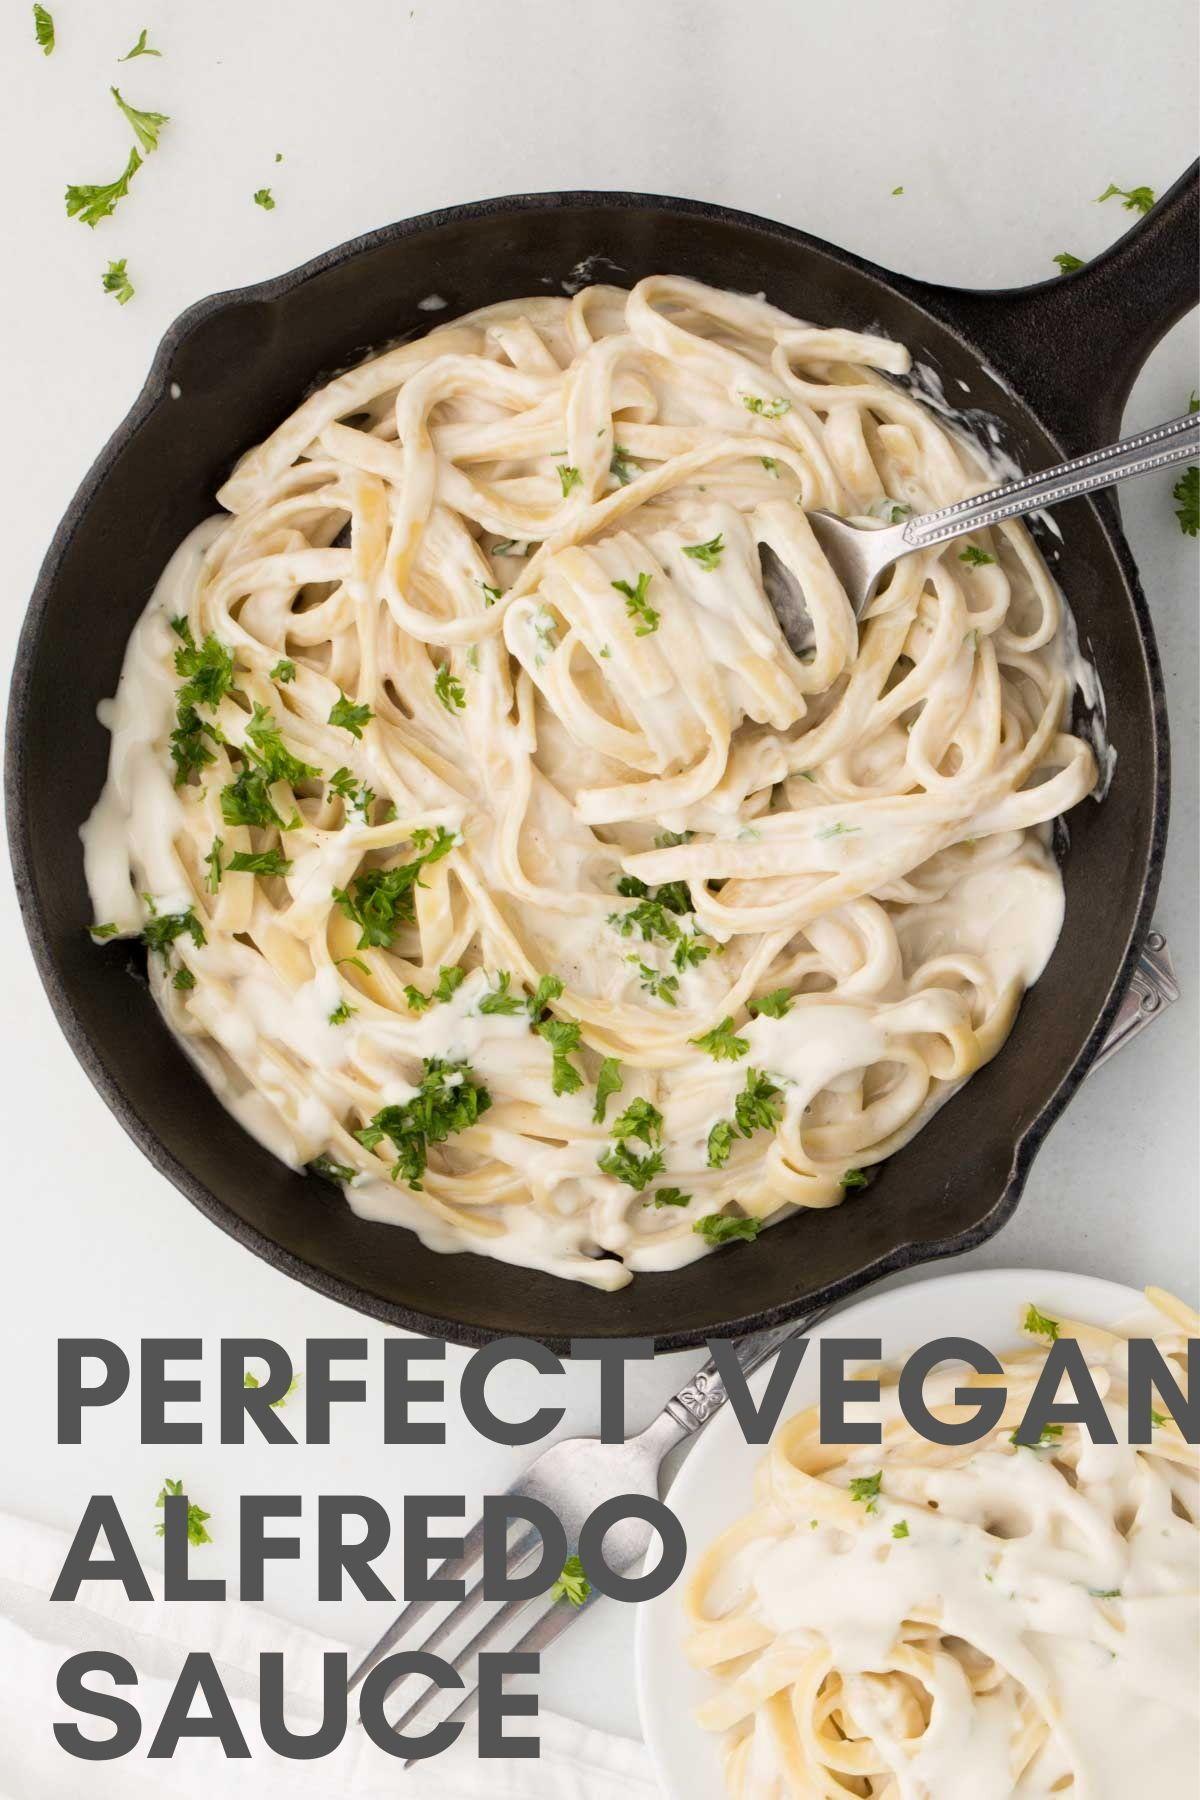 Perfect Vegan Alfredo Sauce Recipe In 2020 Vegan Alfredo Alfredo Sauce Vegan Alfredo Sauce